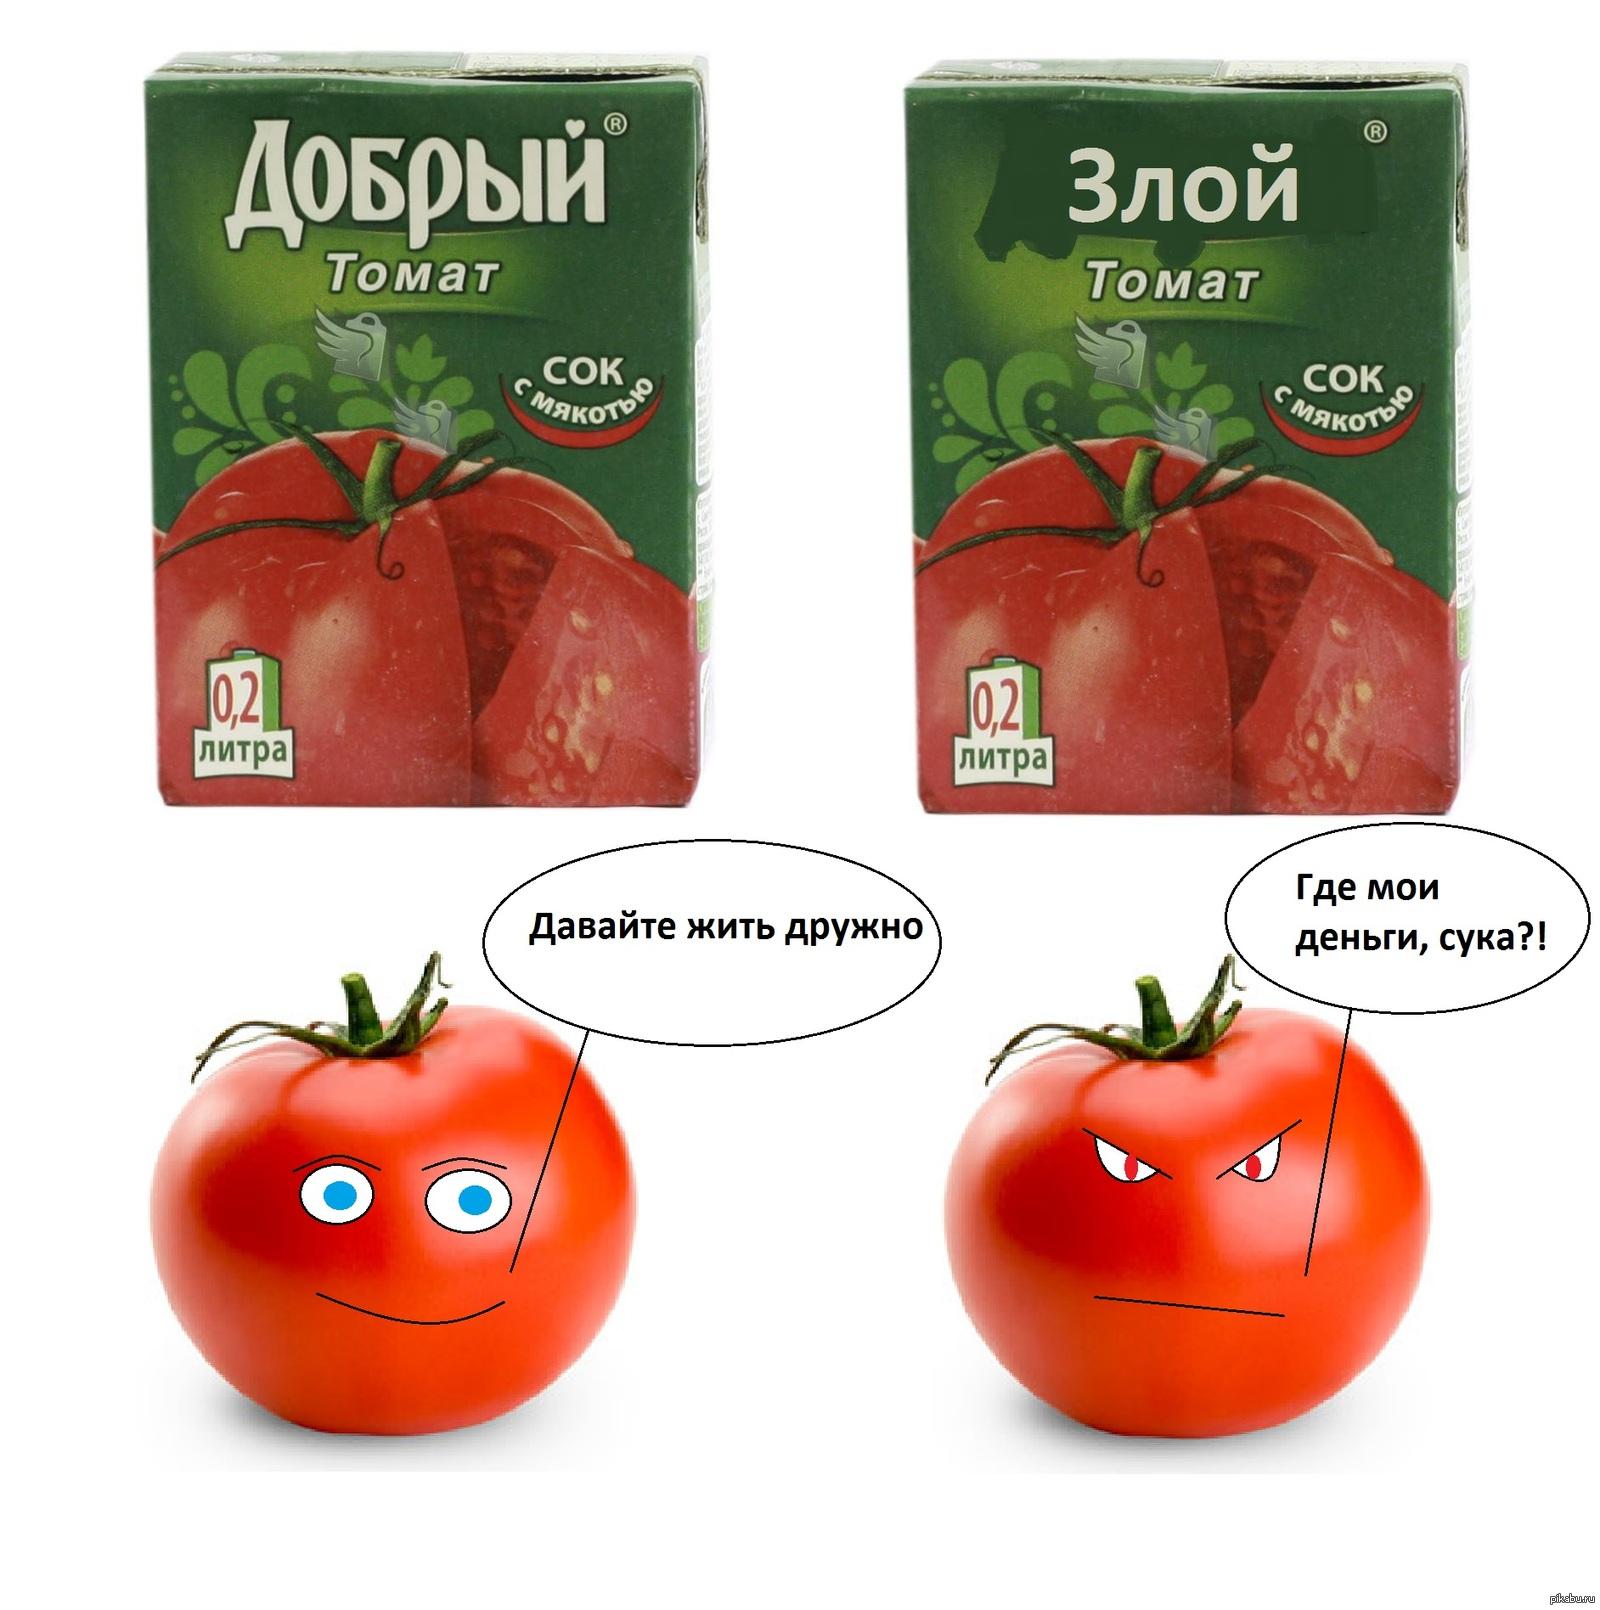 Прикольные картинки с надписями про томатный сок, зентангл животные